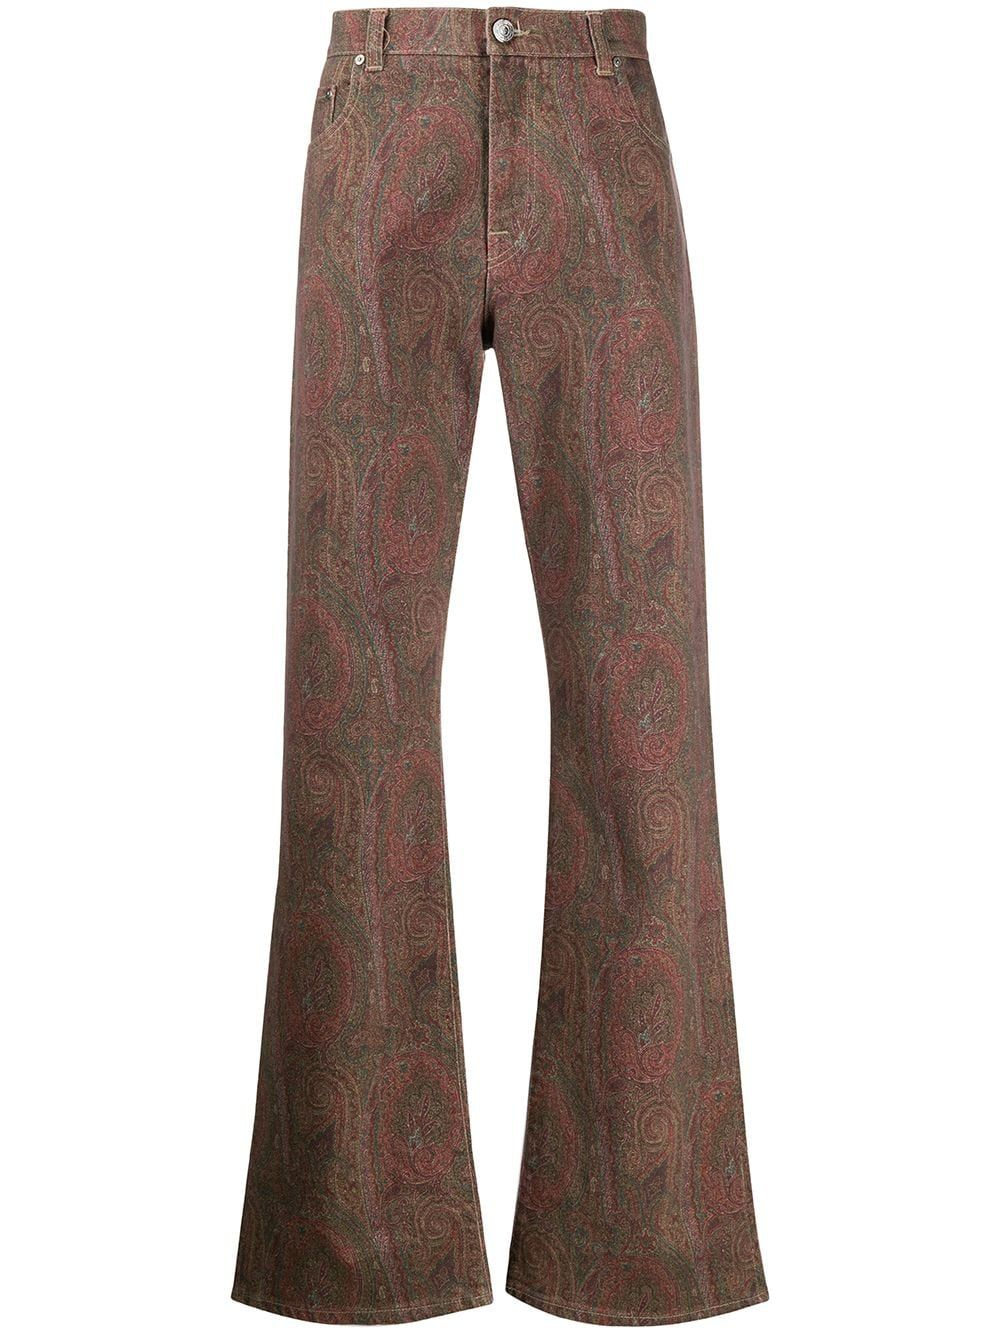 Etro Men's Multicolor Cotton Jeans